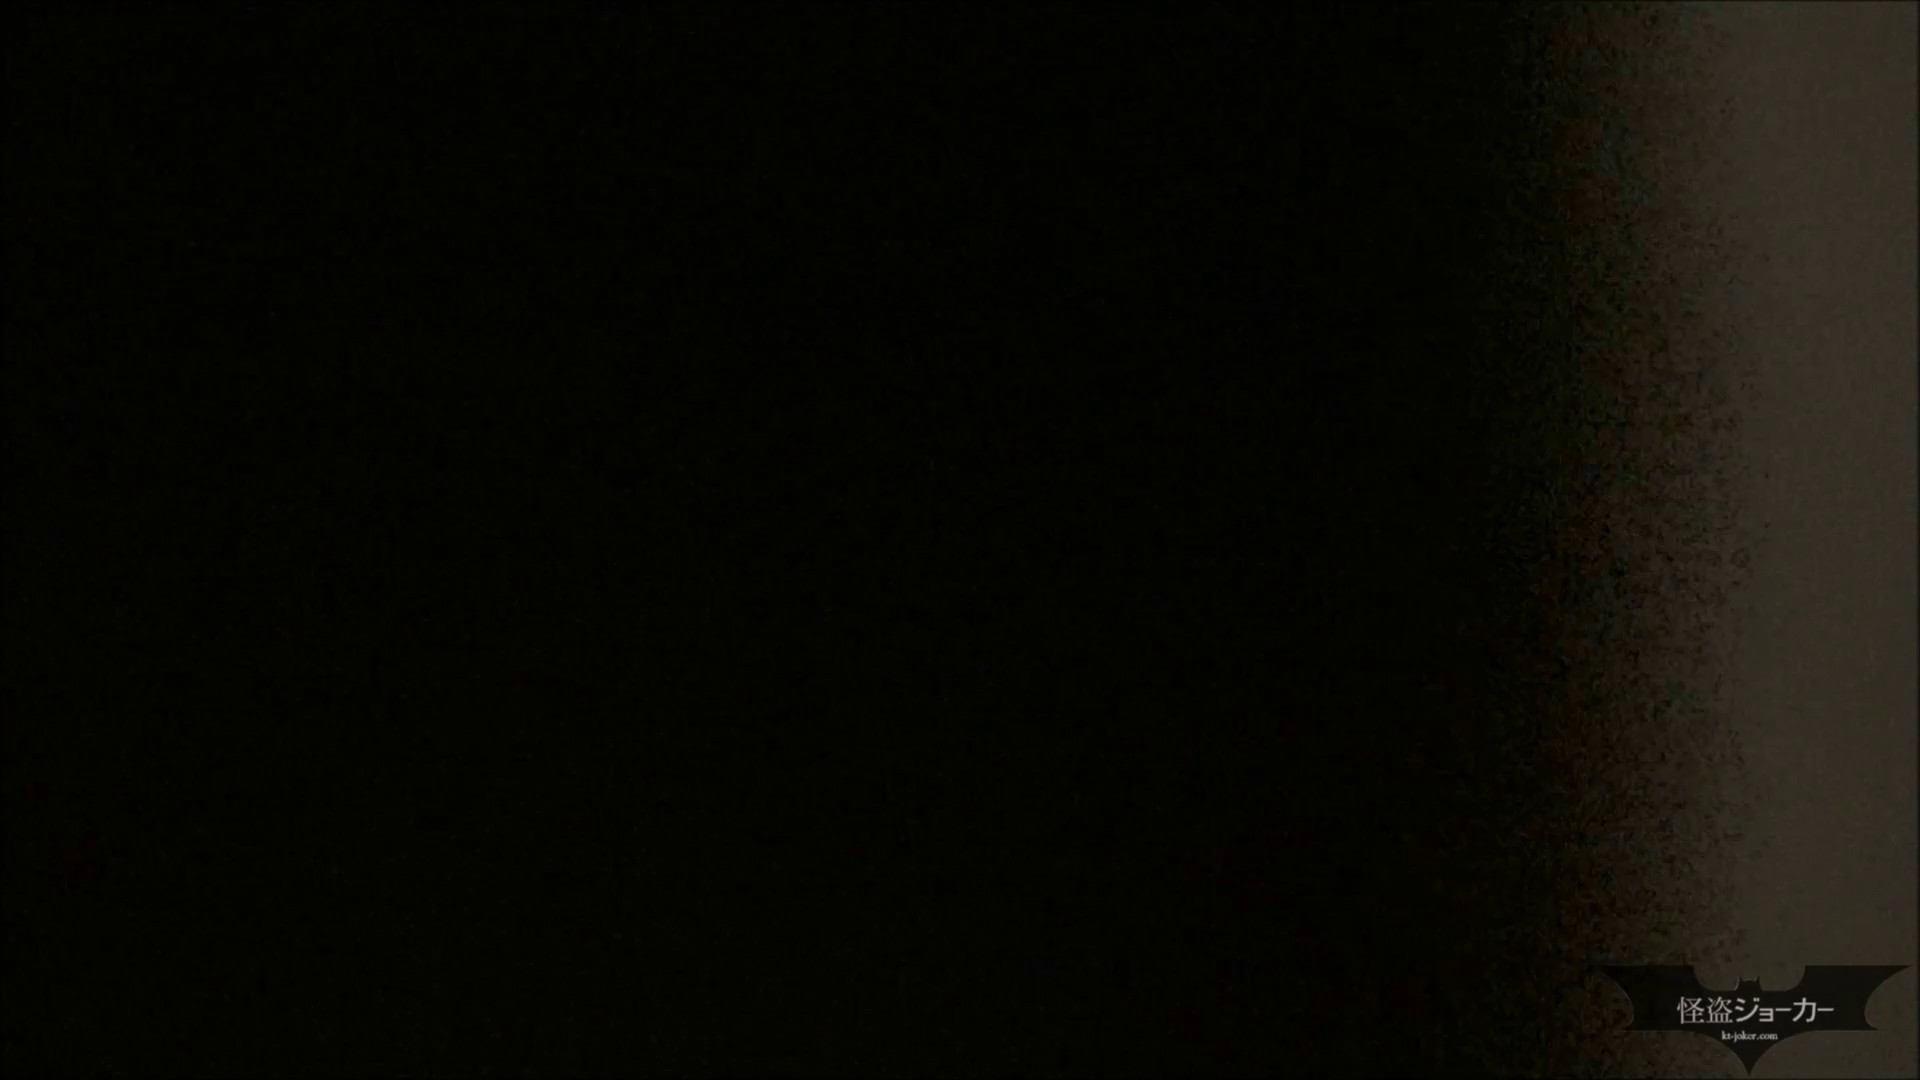 覗き見 Vol.2 【覗き見】♀友達のオナニー。-美人OL- お姉さん攻略 SEX無修正画像 107画像 26